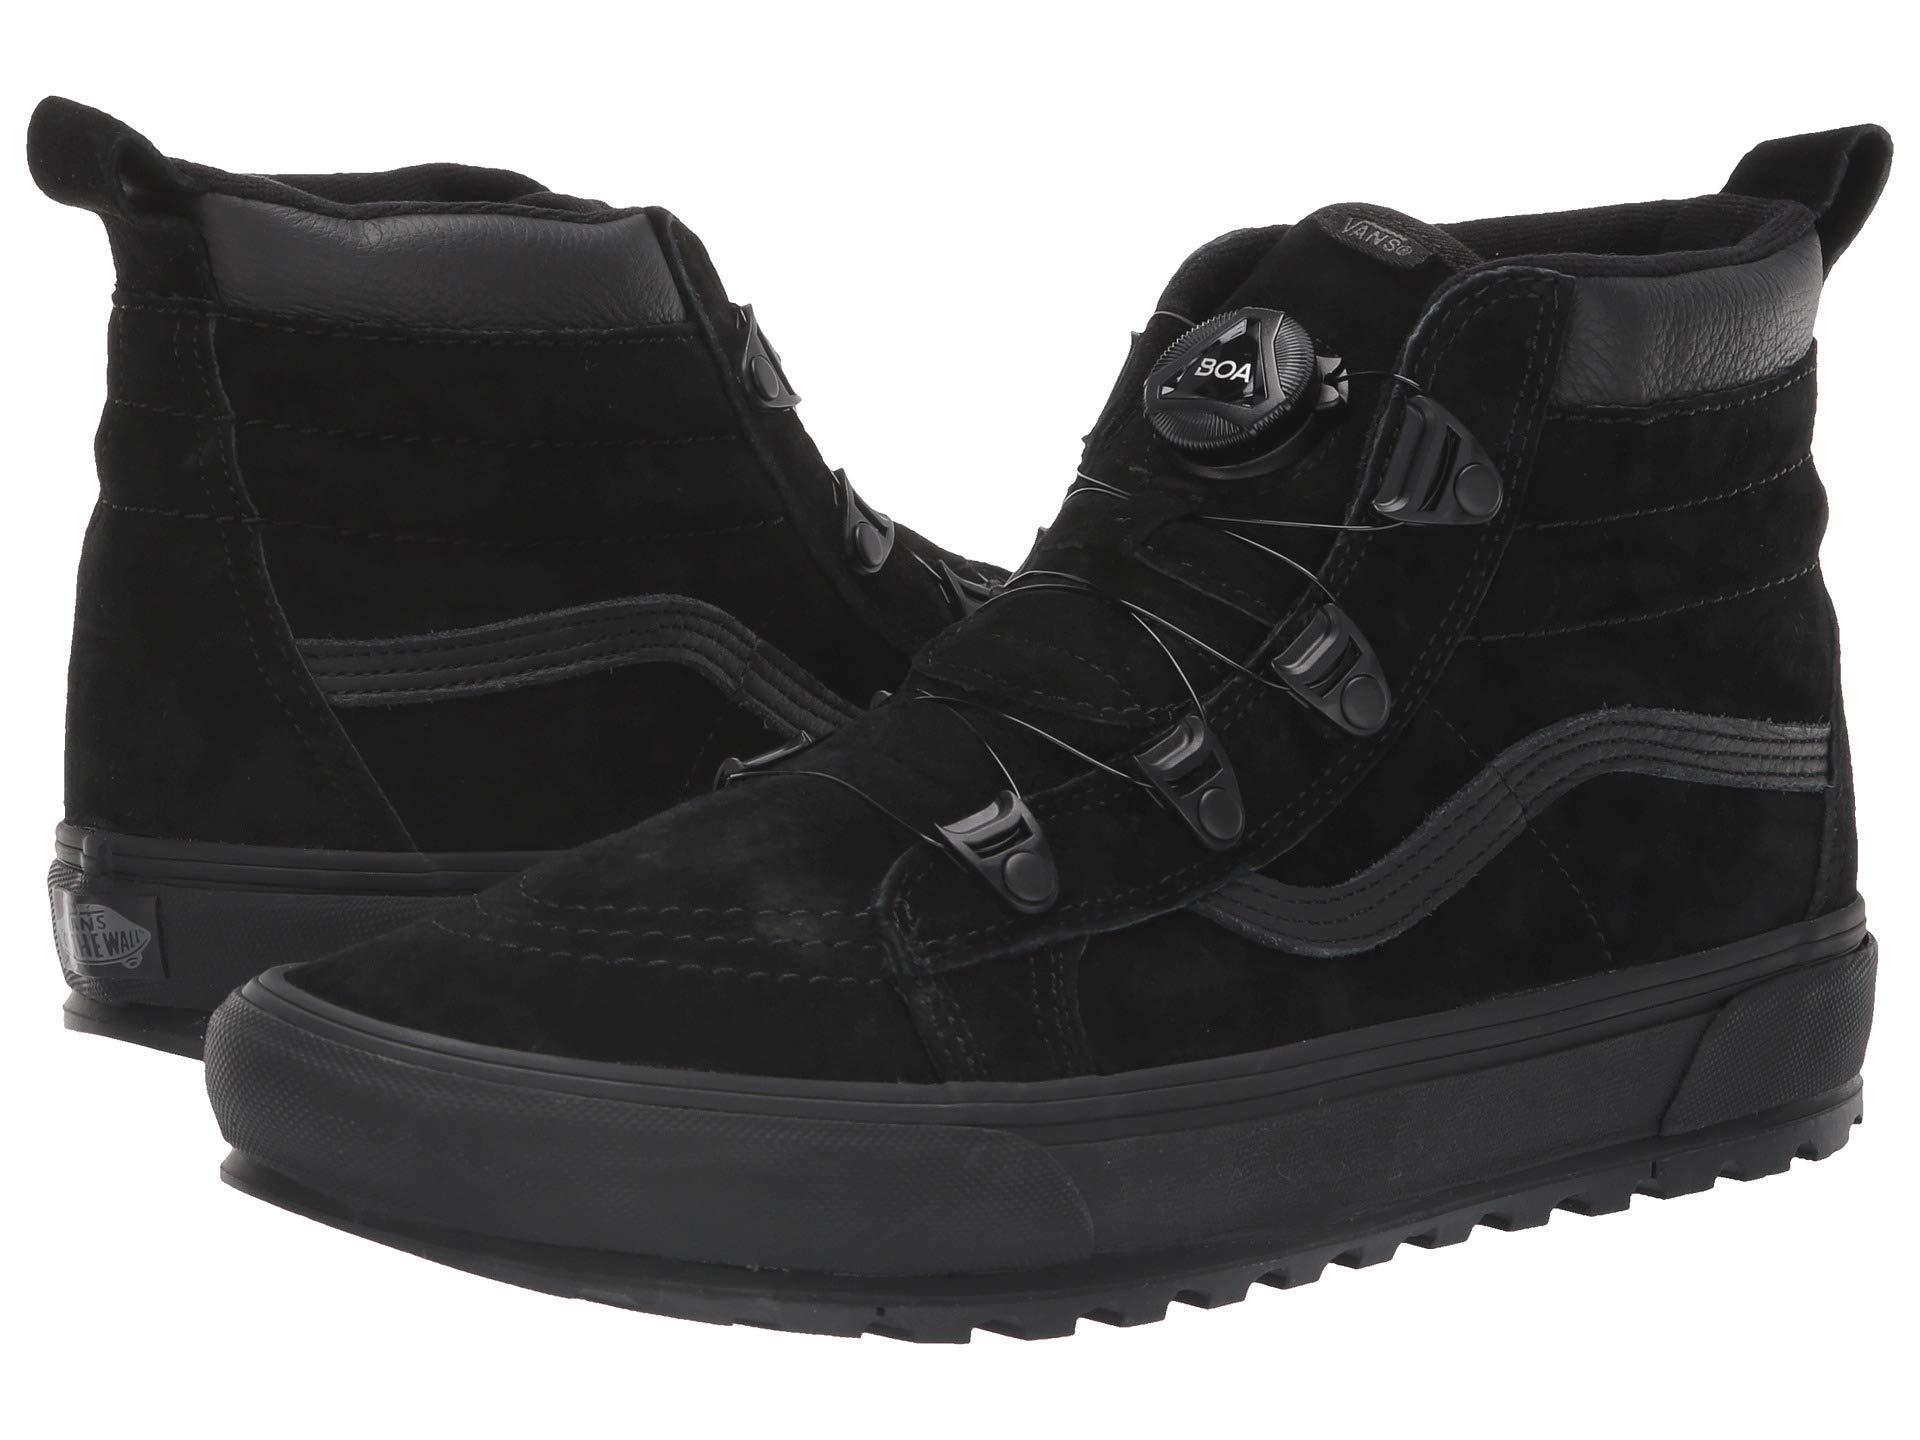 8a2a1c1e252832 Lyst - Vans Sk8-hi Mte Boa (black) Shoes in Black for Men